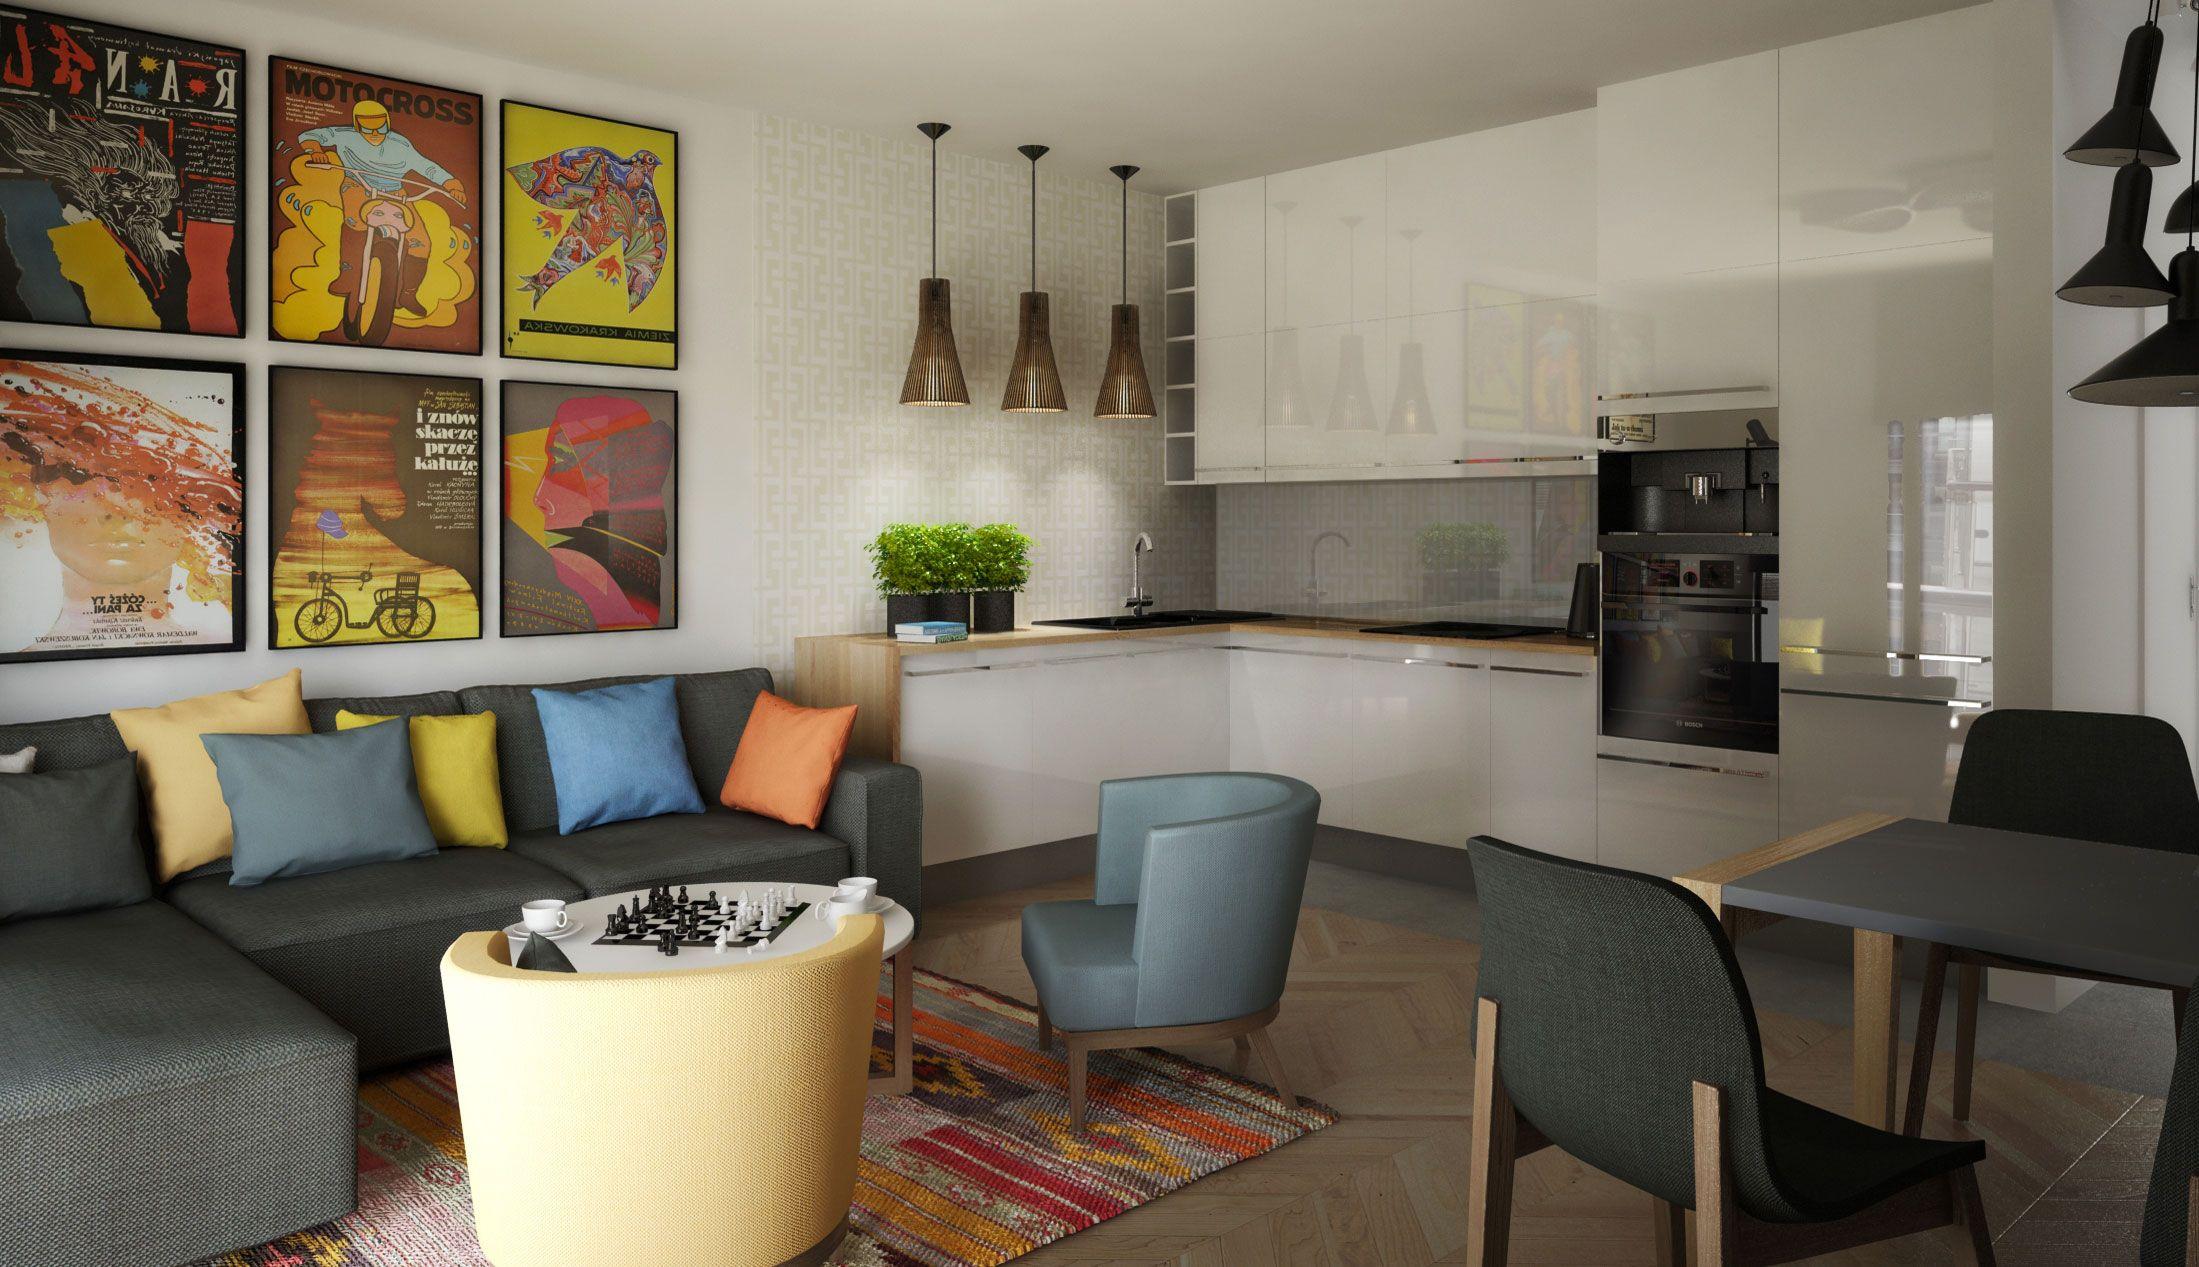 Aranzacja Projektowanie Wnetrz Pojektant Architekt Krakow Mikolajskastudio Krystyna Mikolajska Home Decor Home Decor